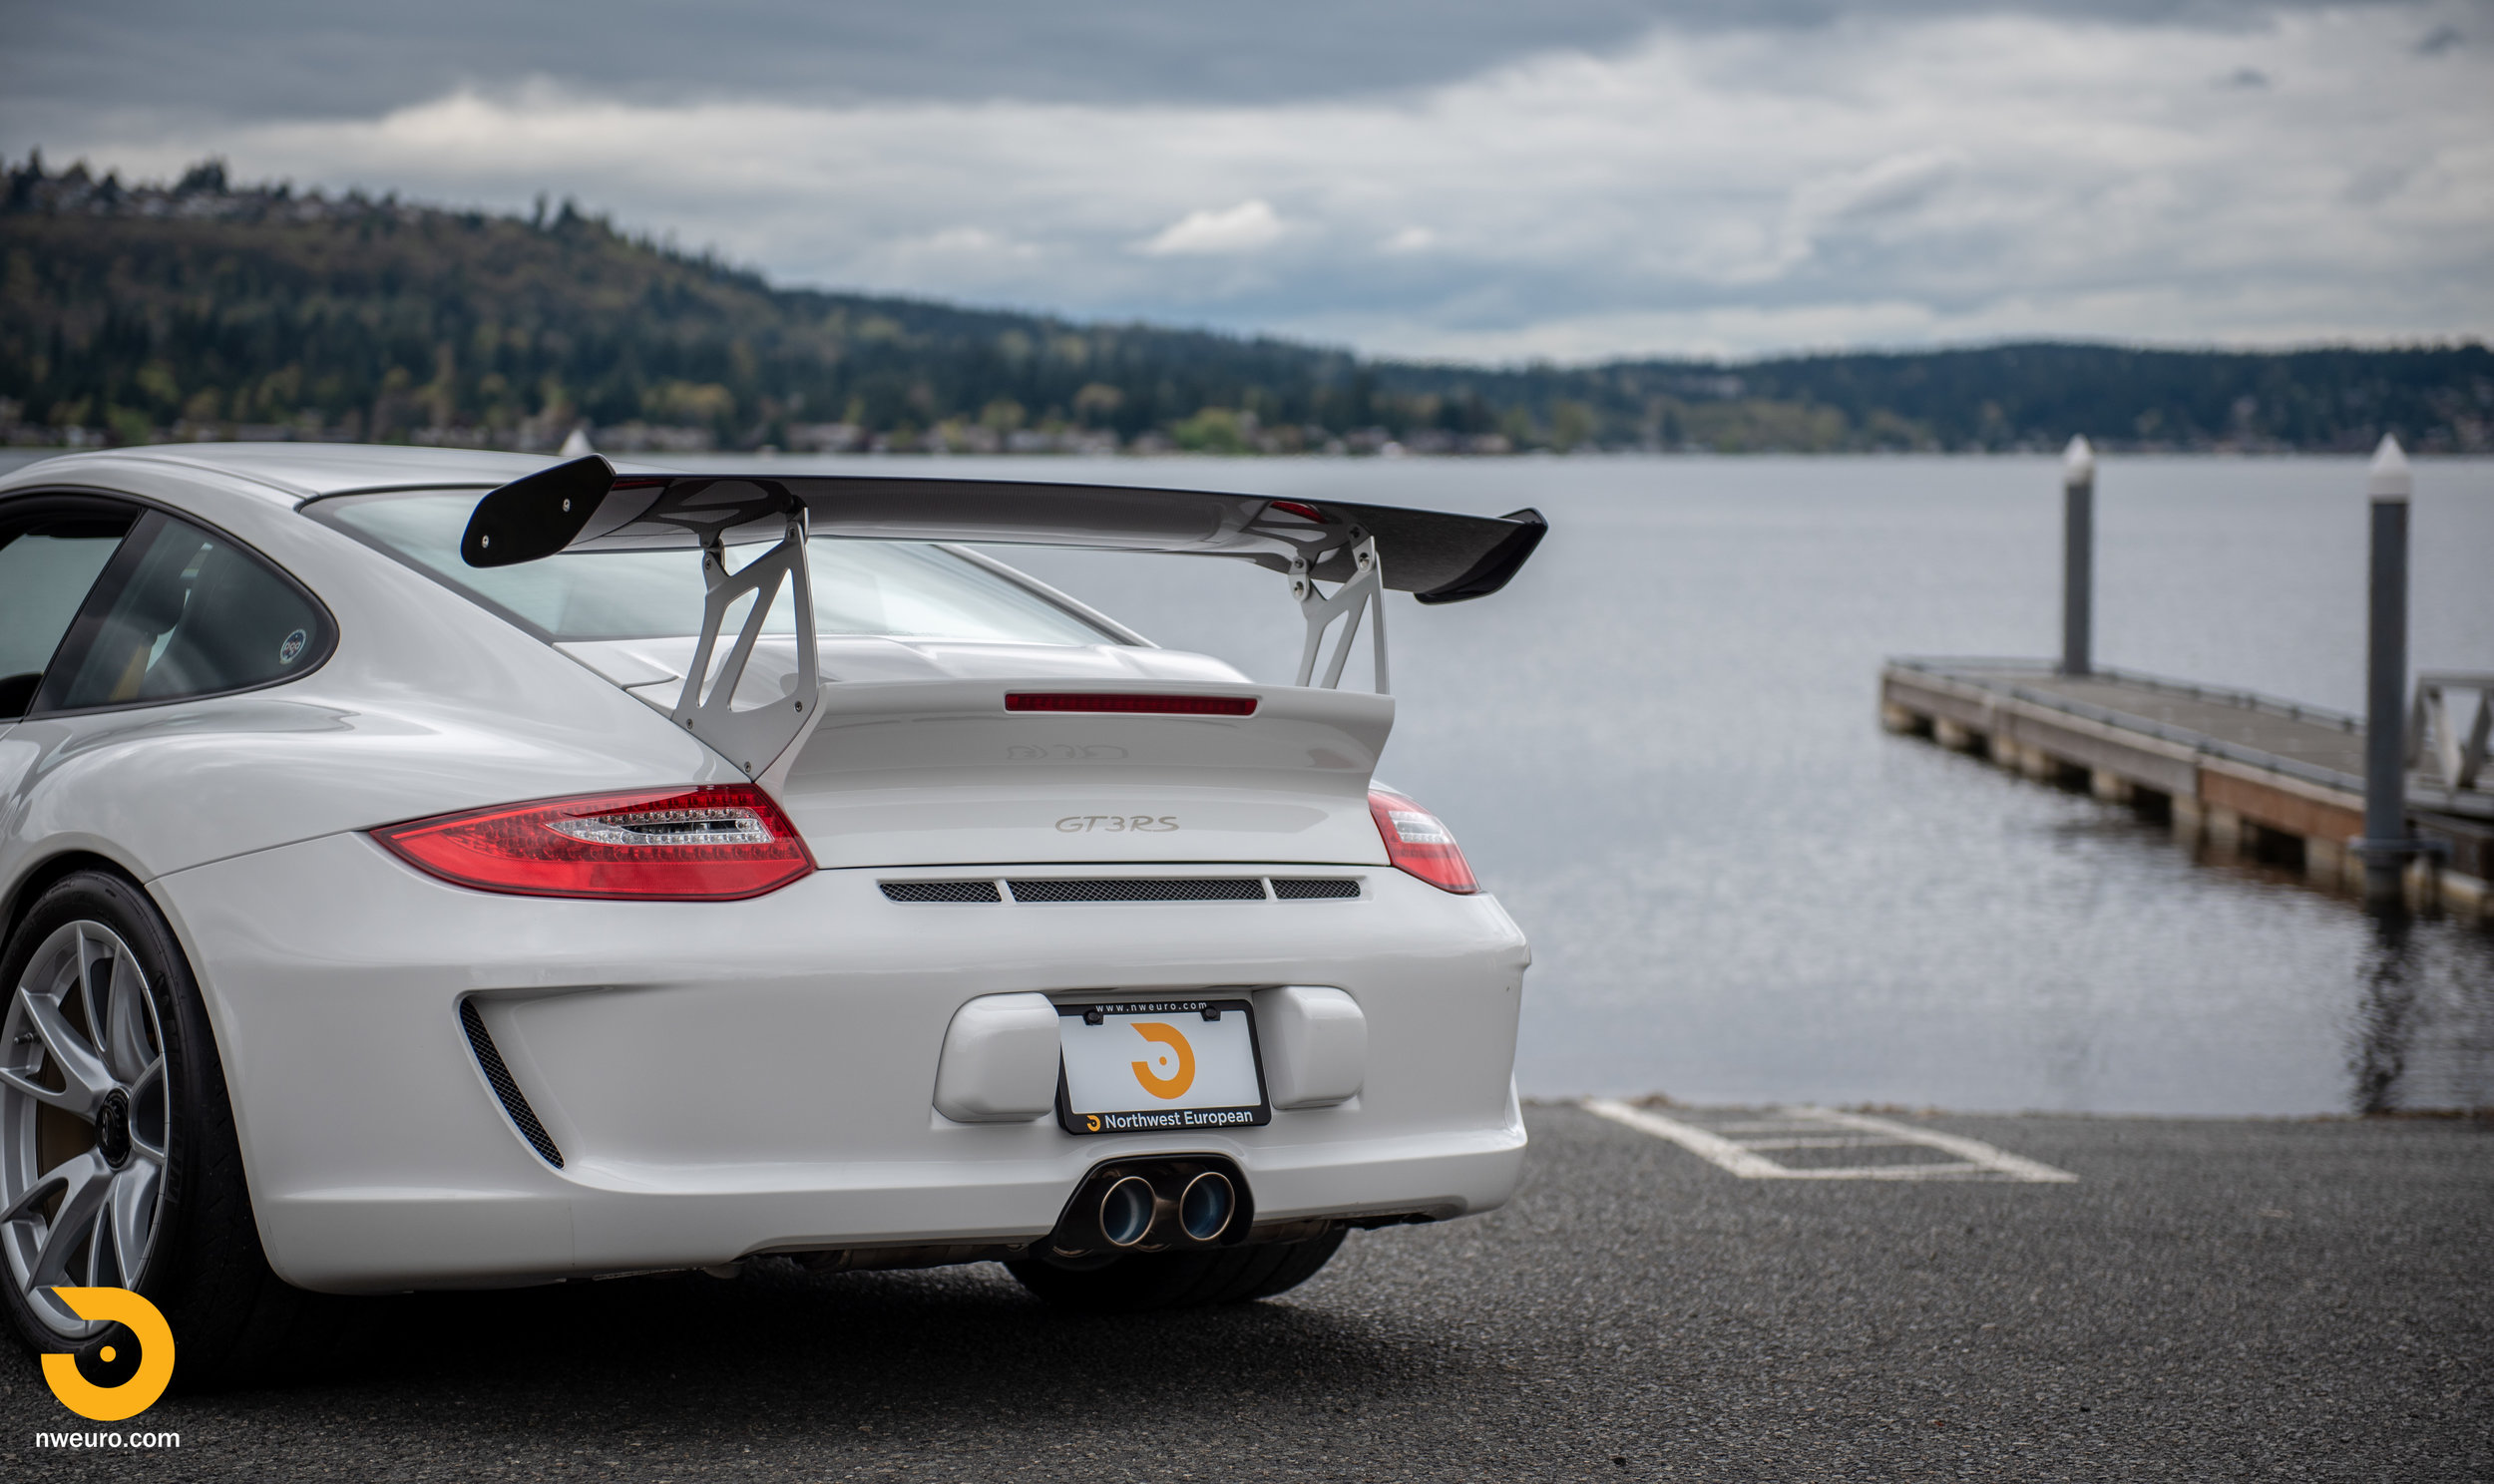 2011 Porsche GT3 RS-56.jpg